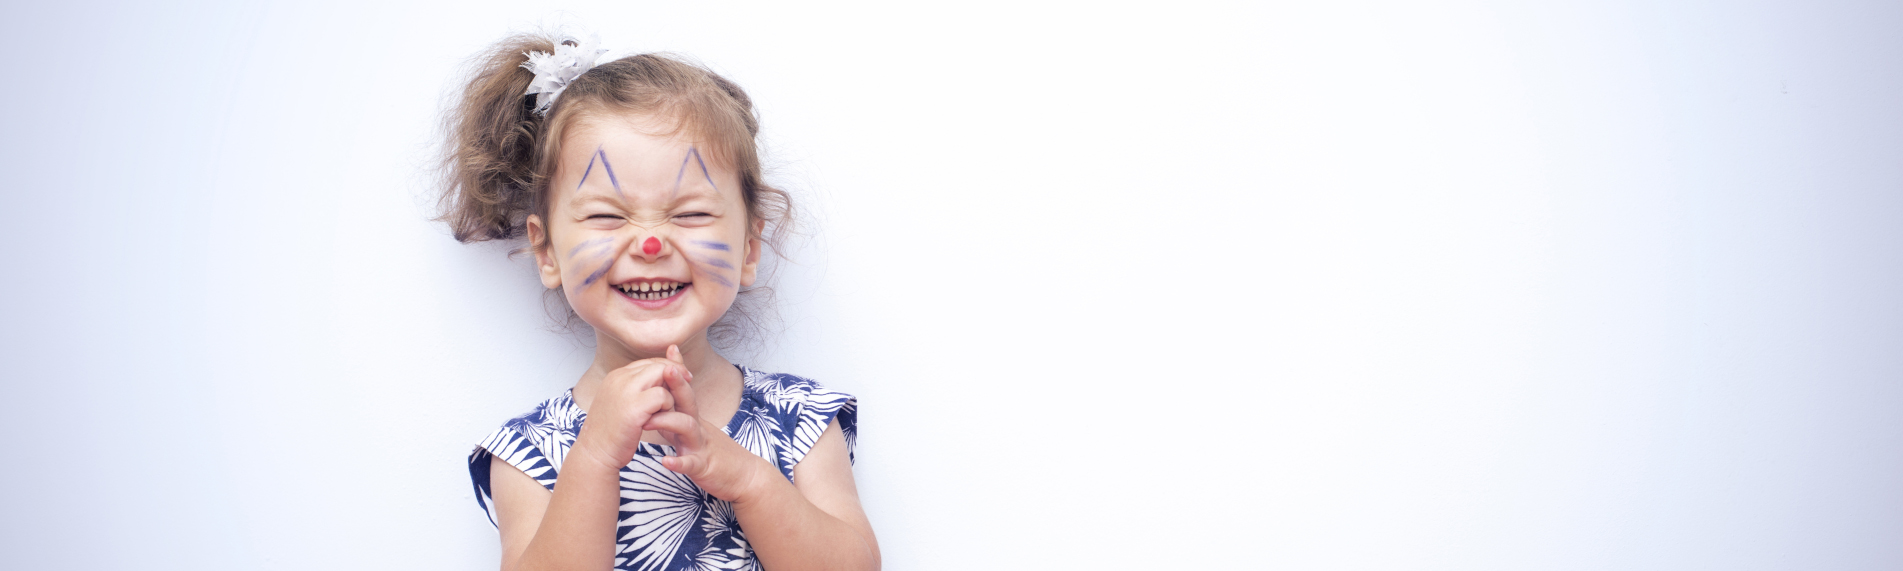 Børn stortrives i sundt indeklima i daginstitution